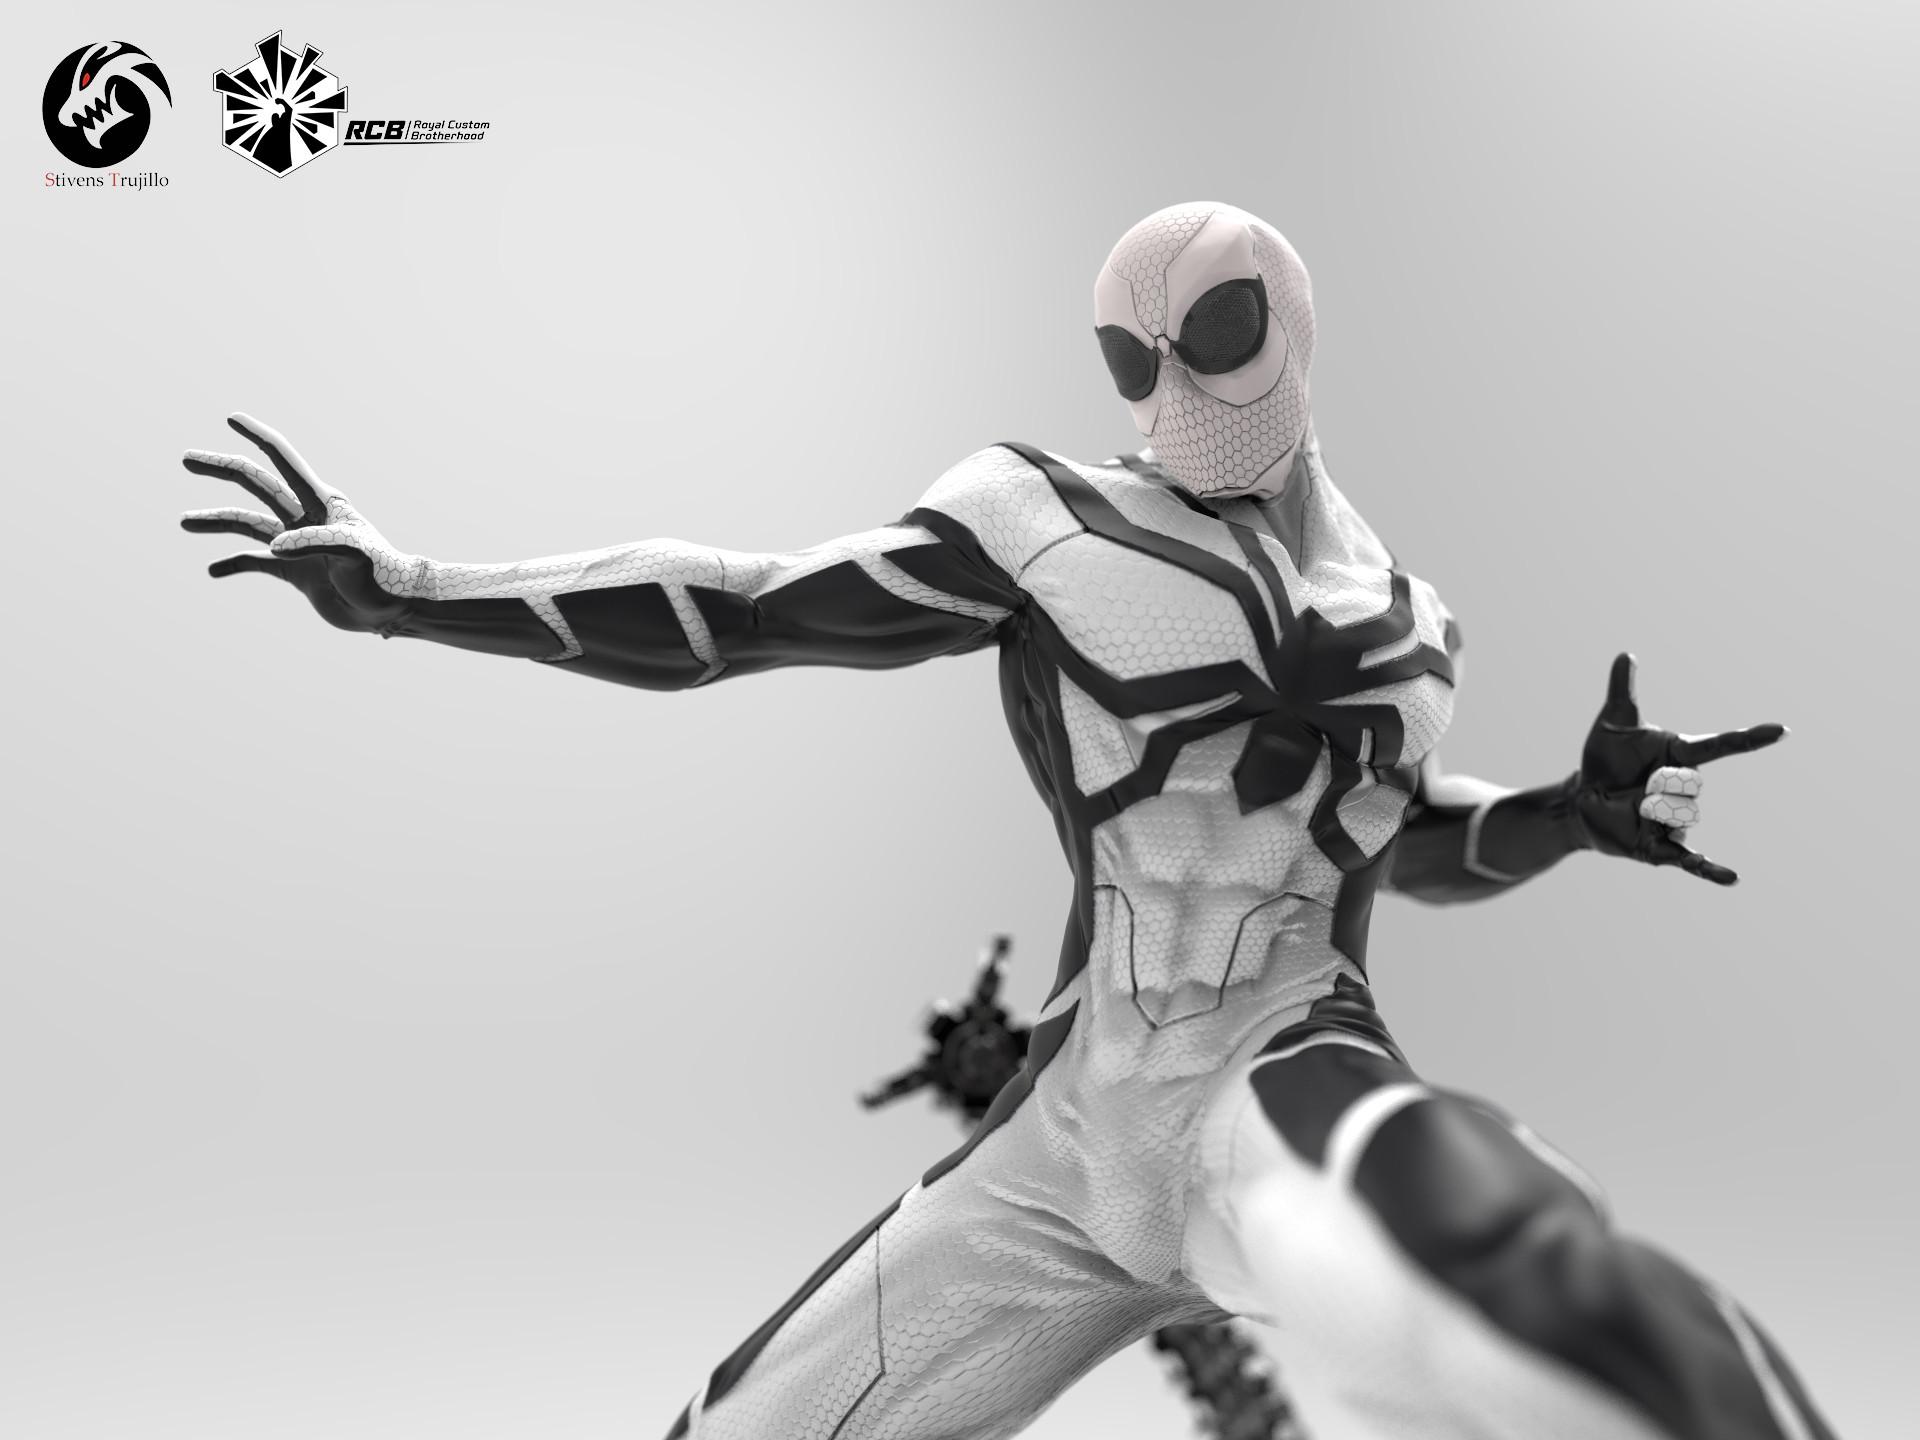 Iron Spider & Top 10 Favourite Spider-Man Suits - Marvel Forum